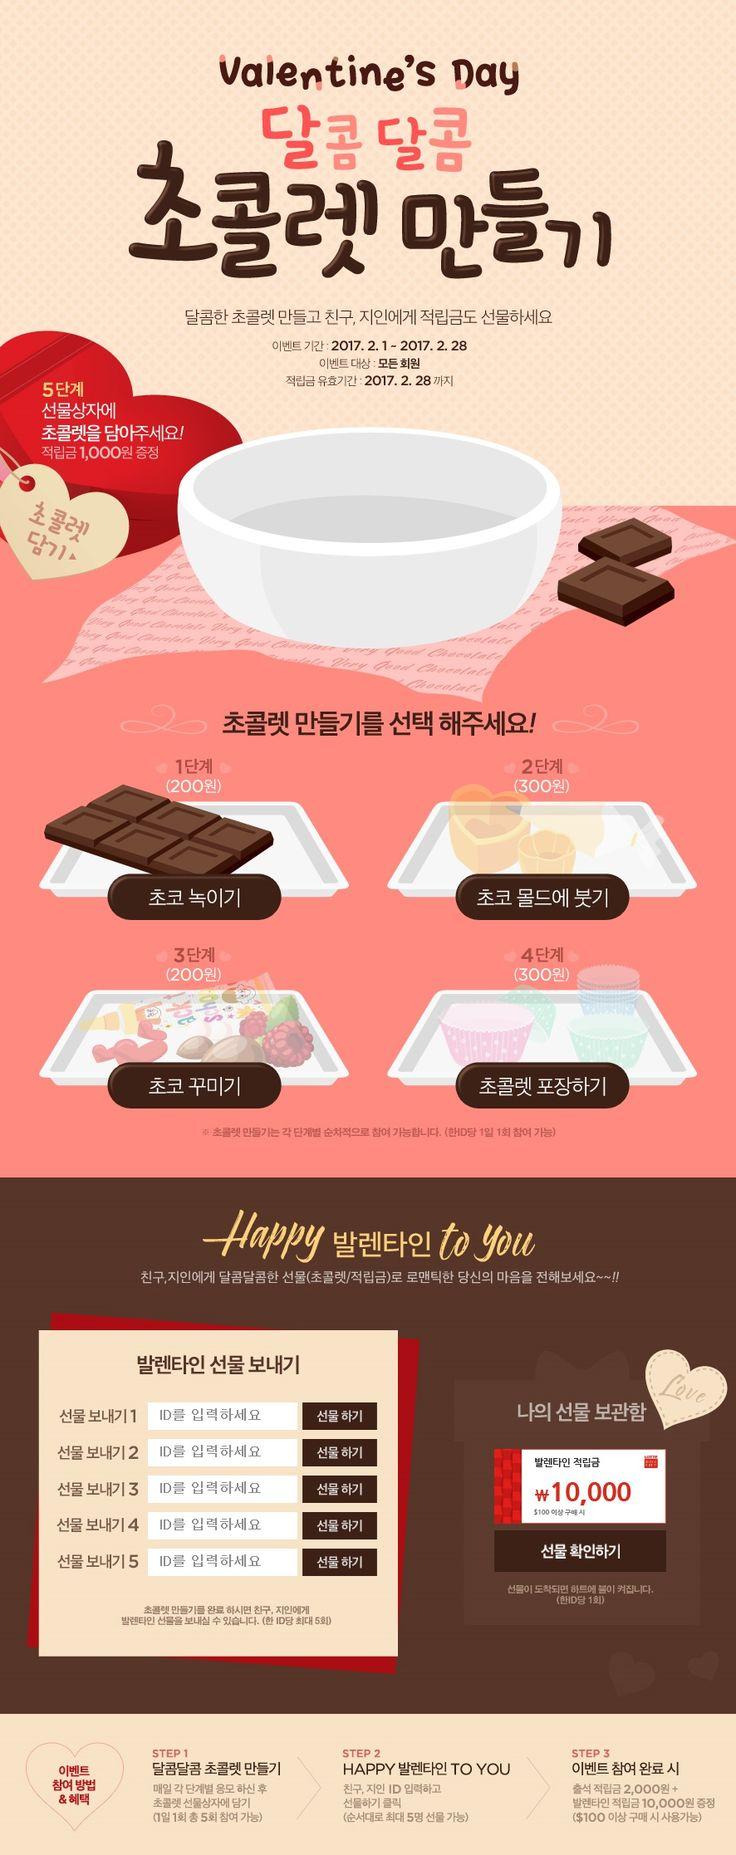 #2017년2월1주차 #소공 #달콤달콤 초콜렛 만들기